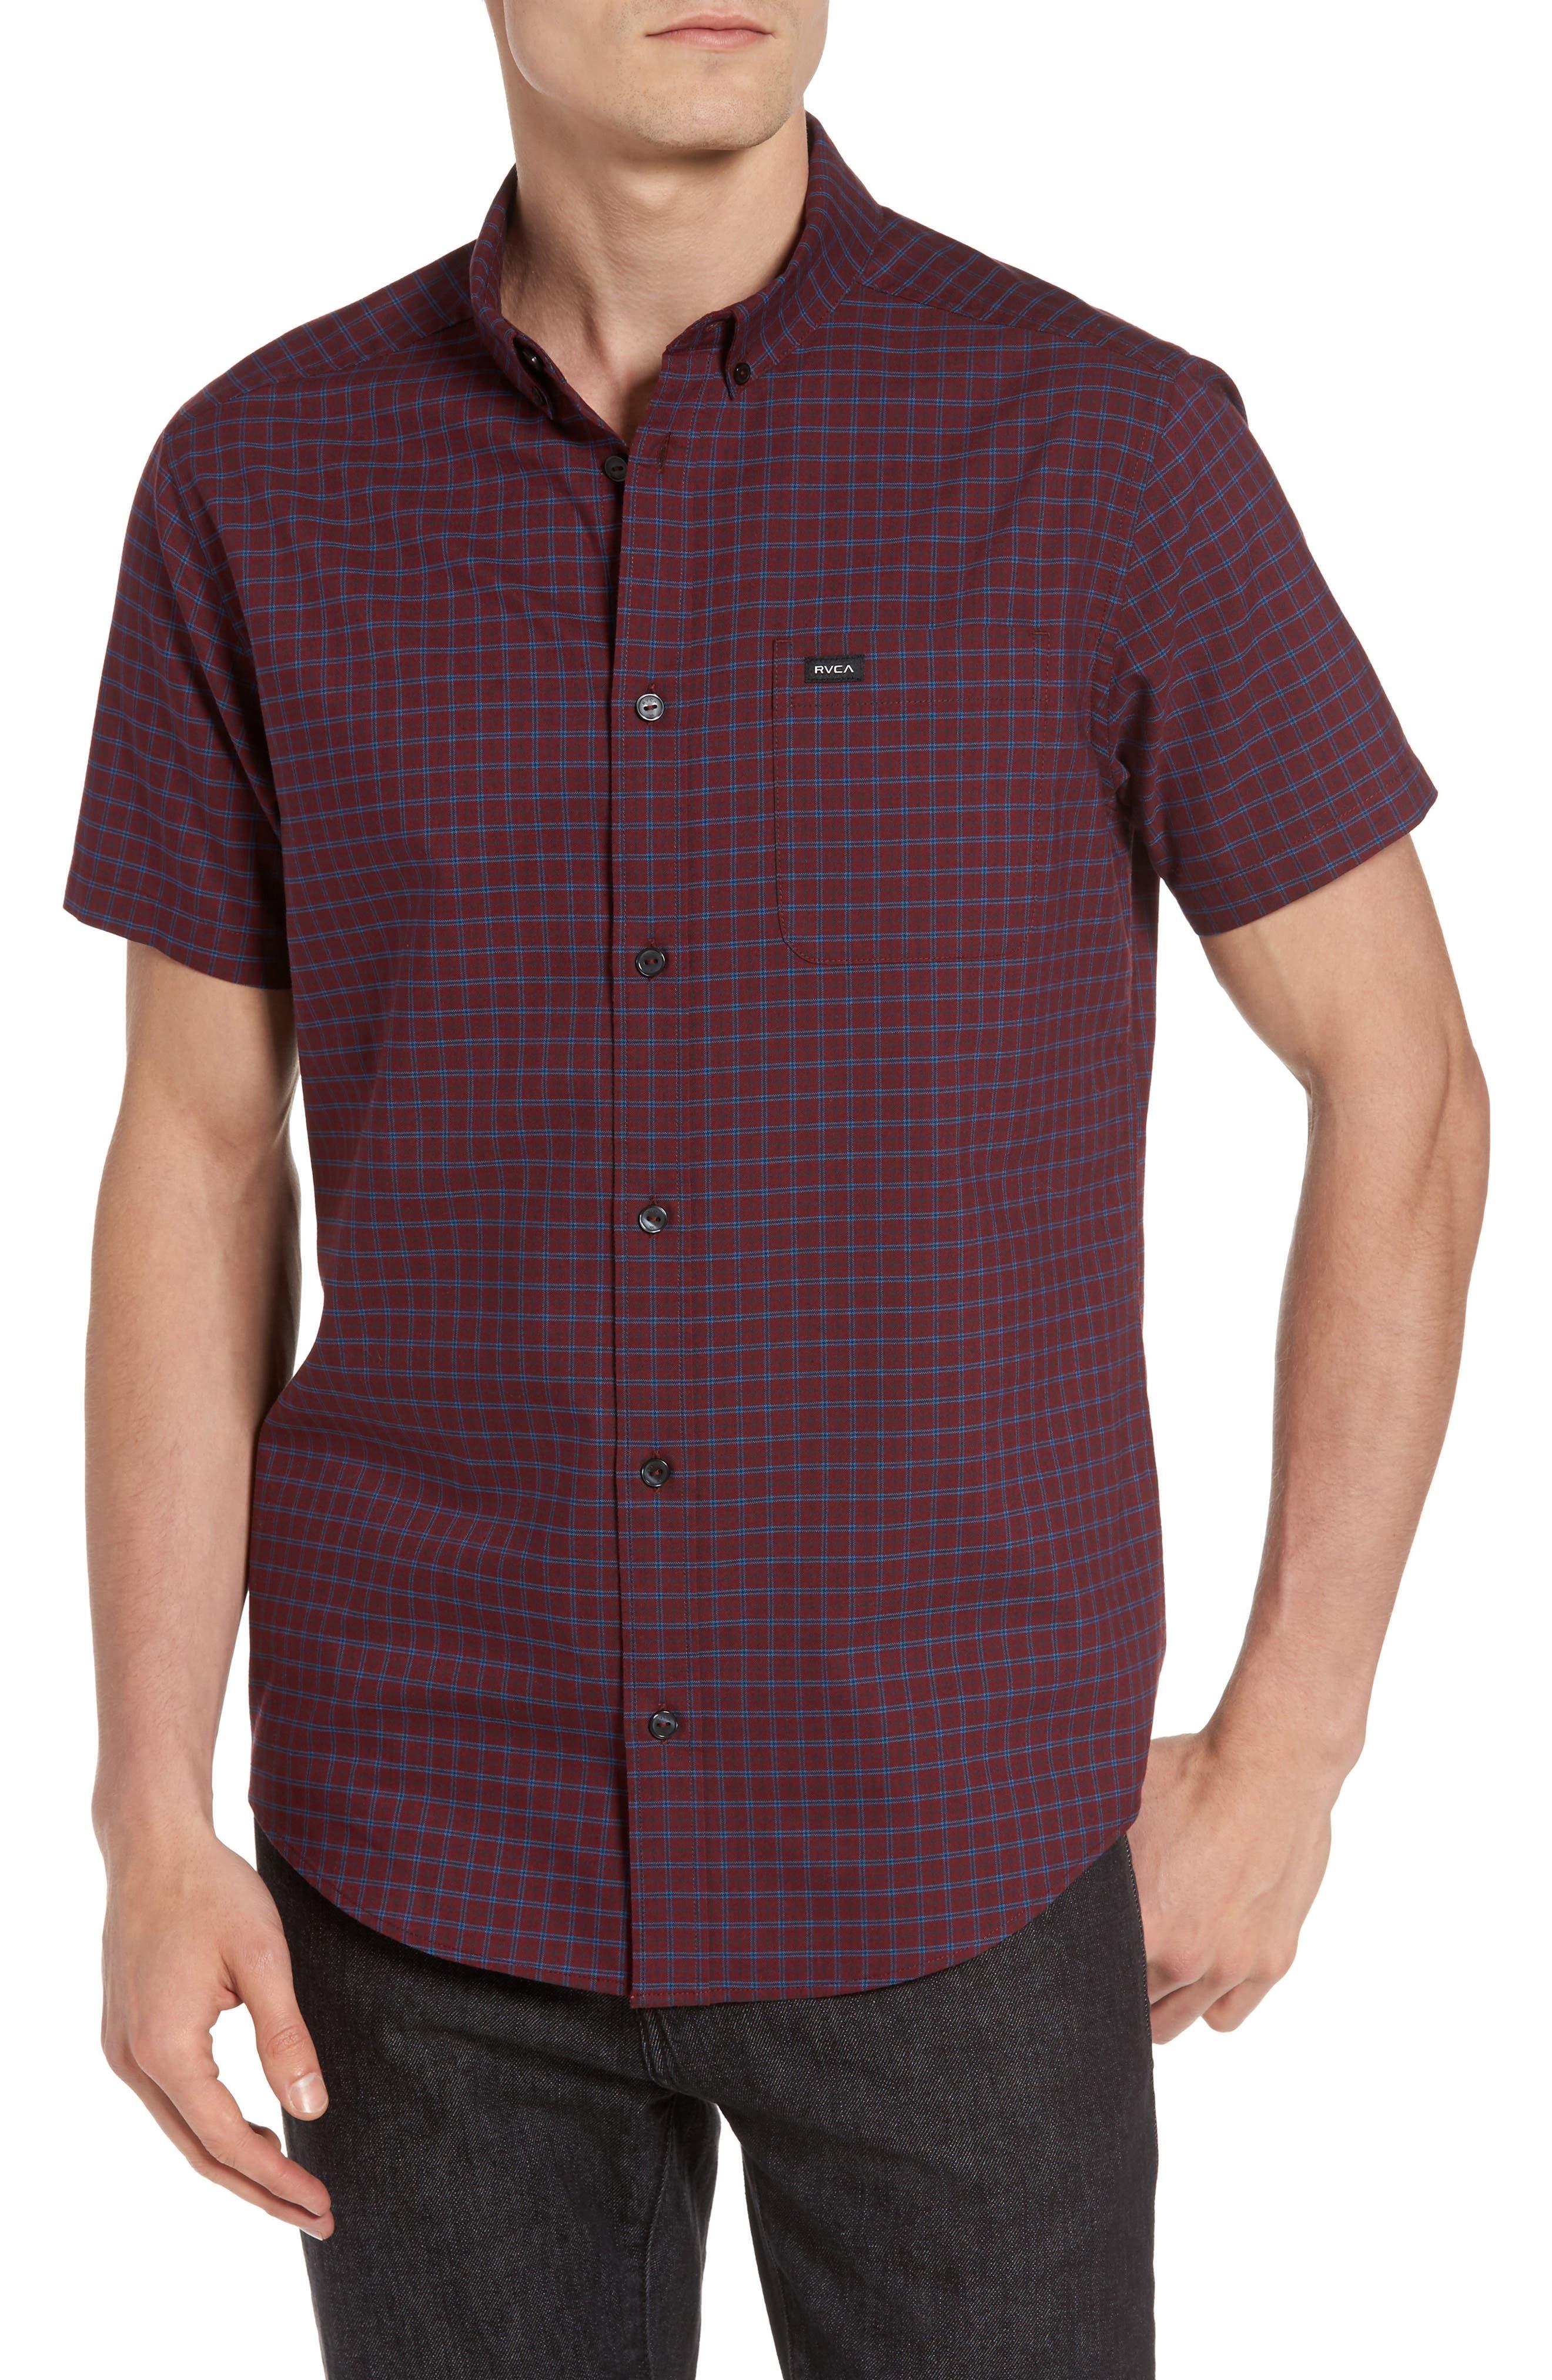 RVCA Thatll Do Tattersall Woven Shirt